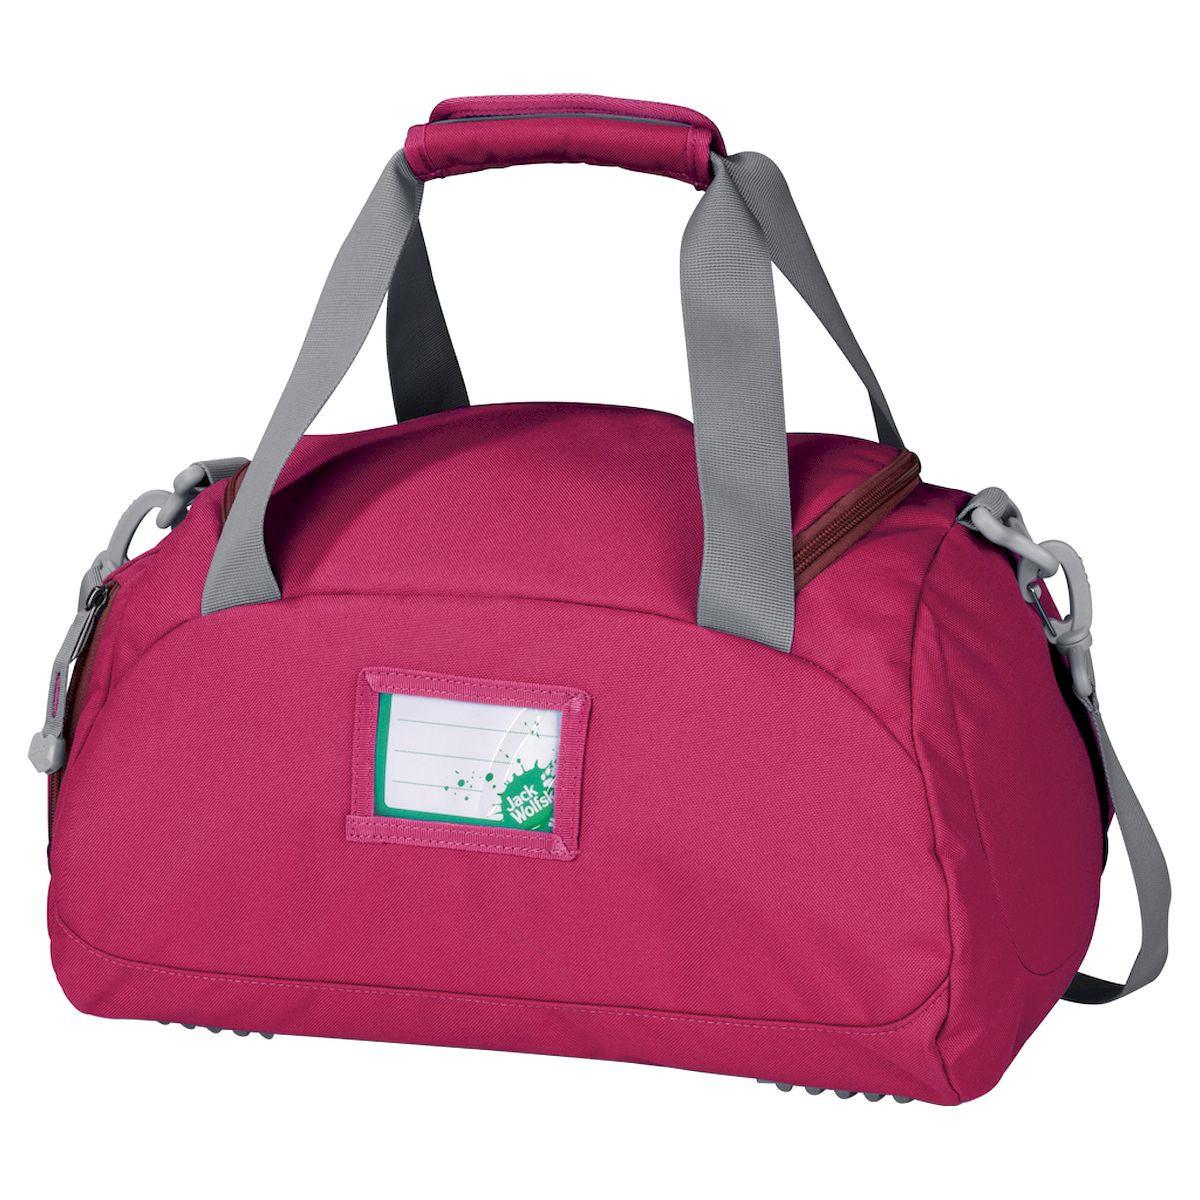 d239a8bae66d Сумка детская Jack Wolfskin Rockpoppy, 2004442-2081, розовый — купить в  интернет-магазине OZON.ru с быстрой доставкой